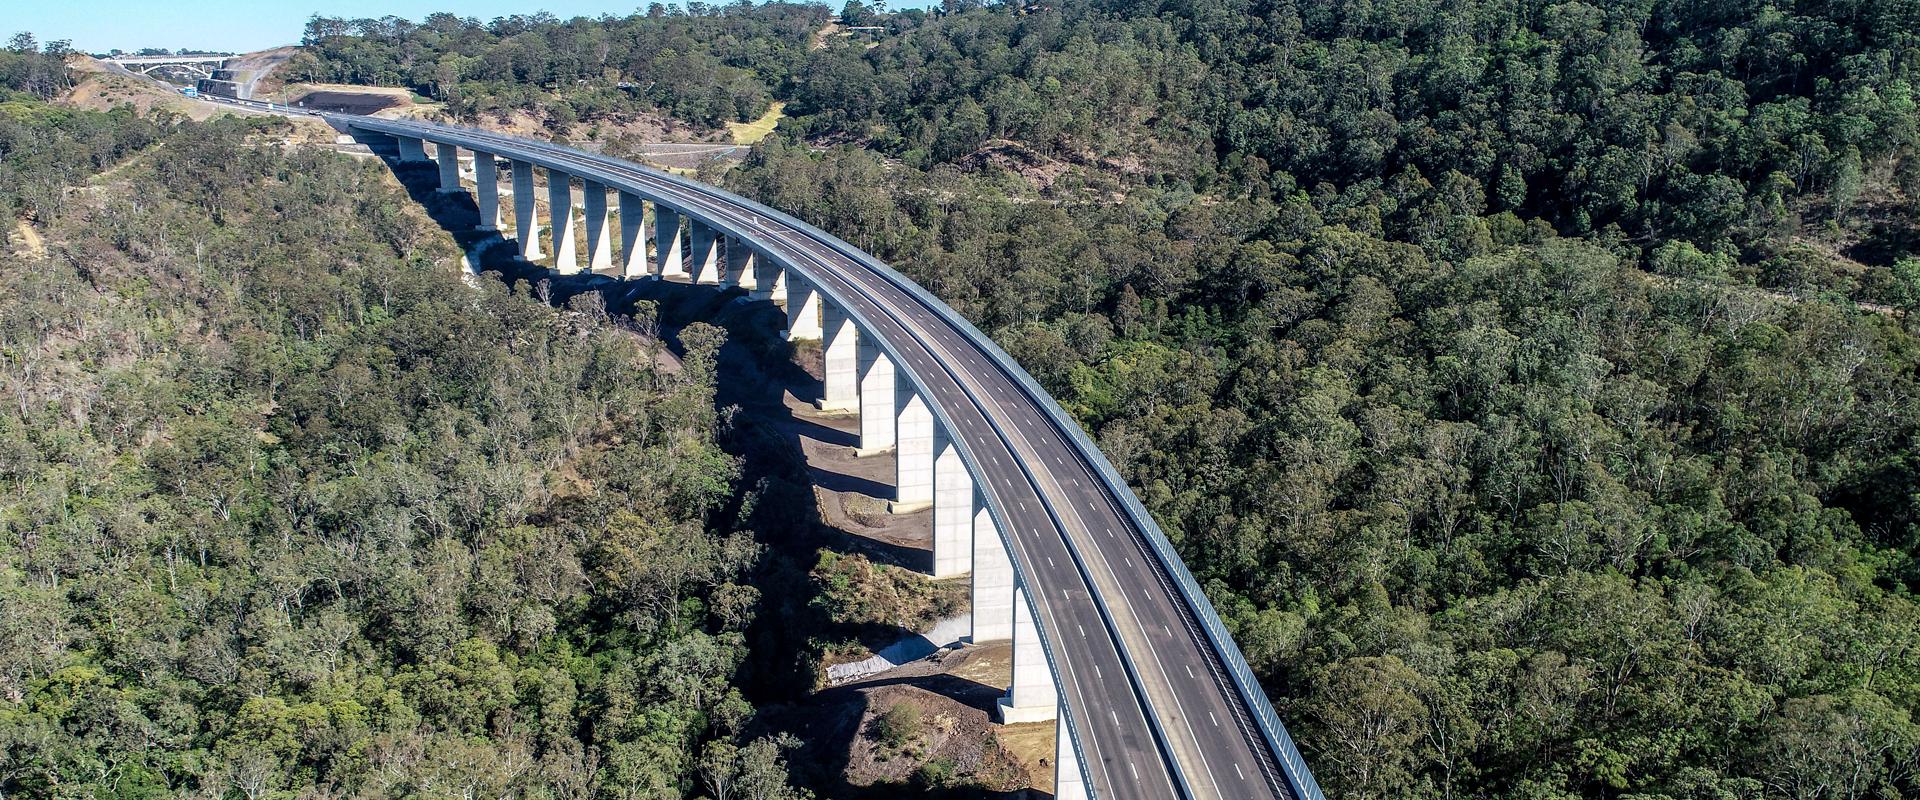 bridge construction aerial photo